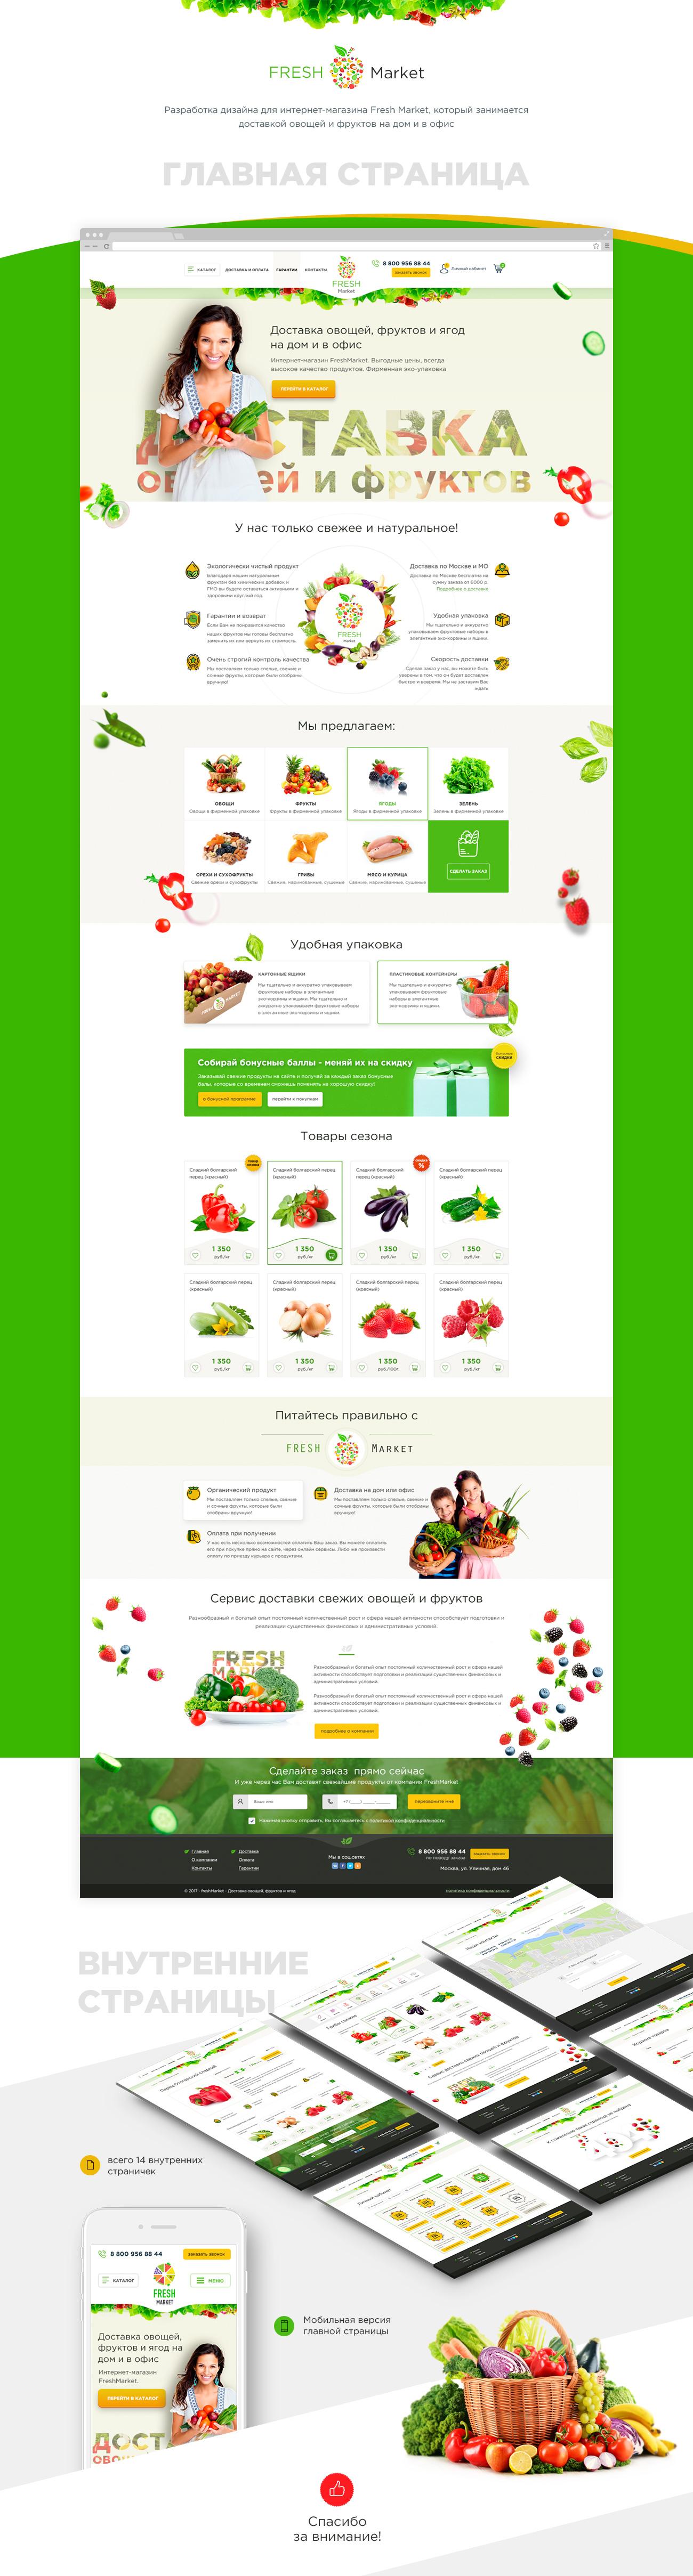 FreshMarket - Интернет-магазин доставки овощей и фруктов